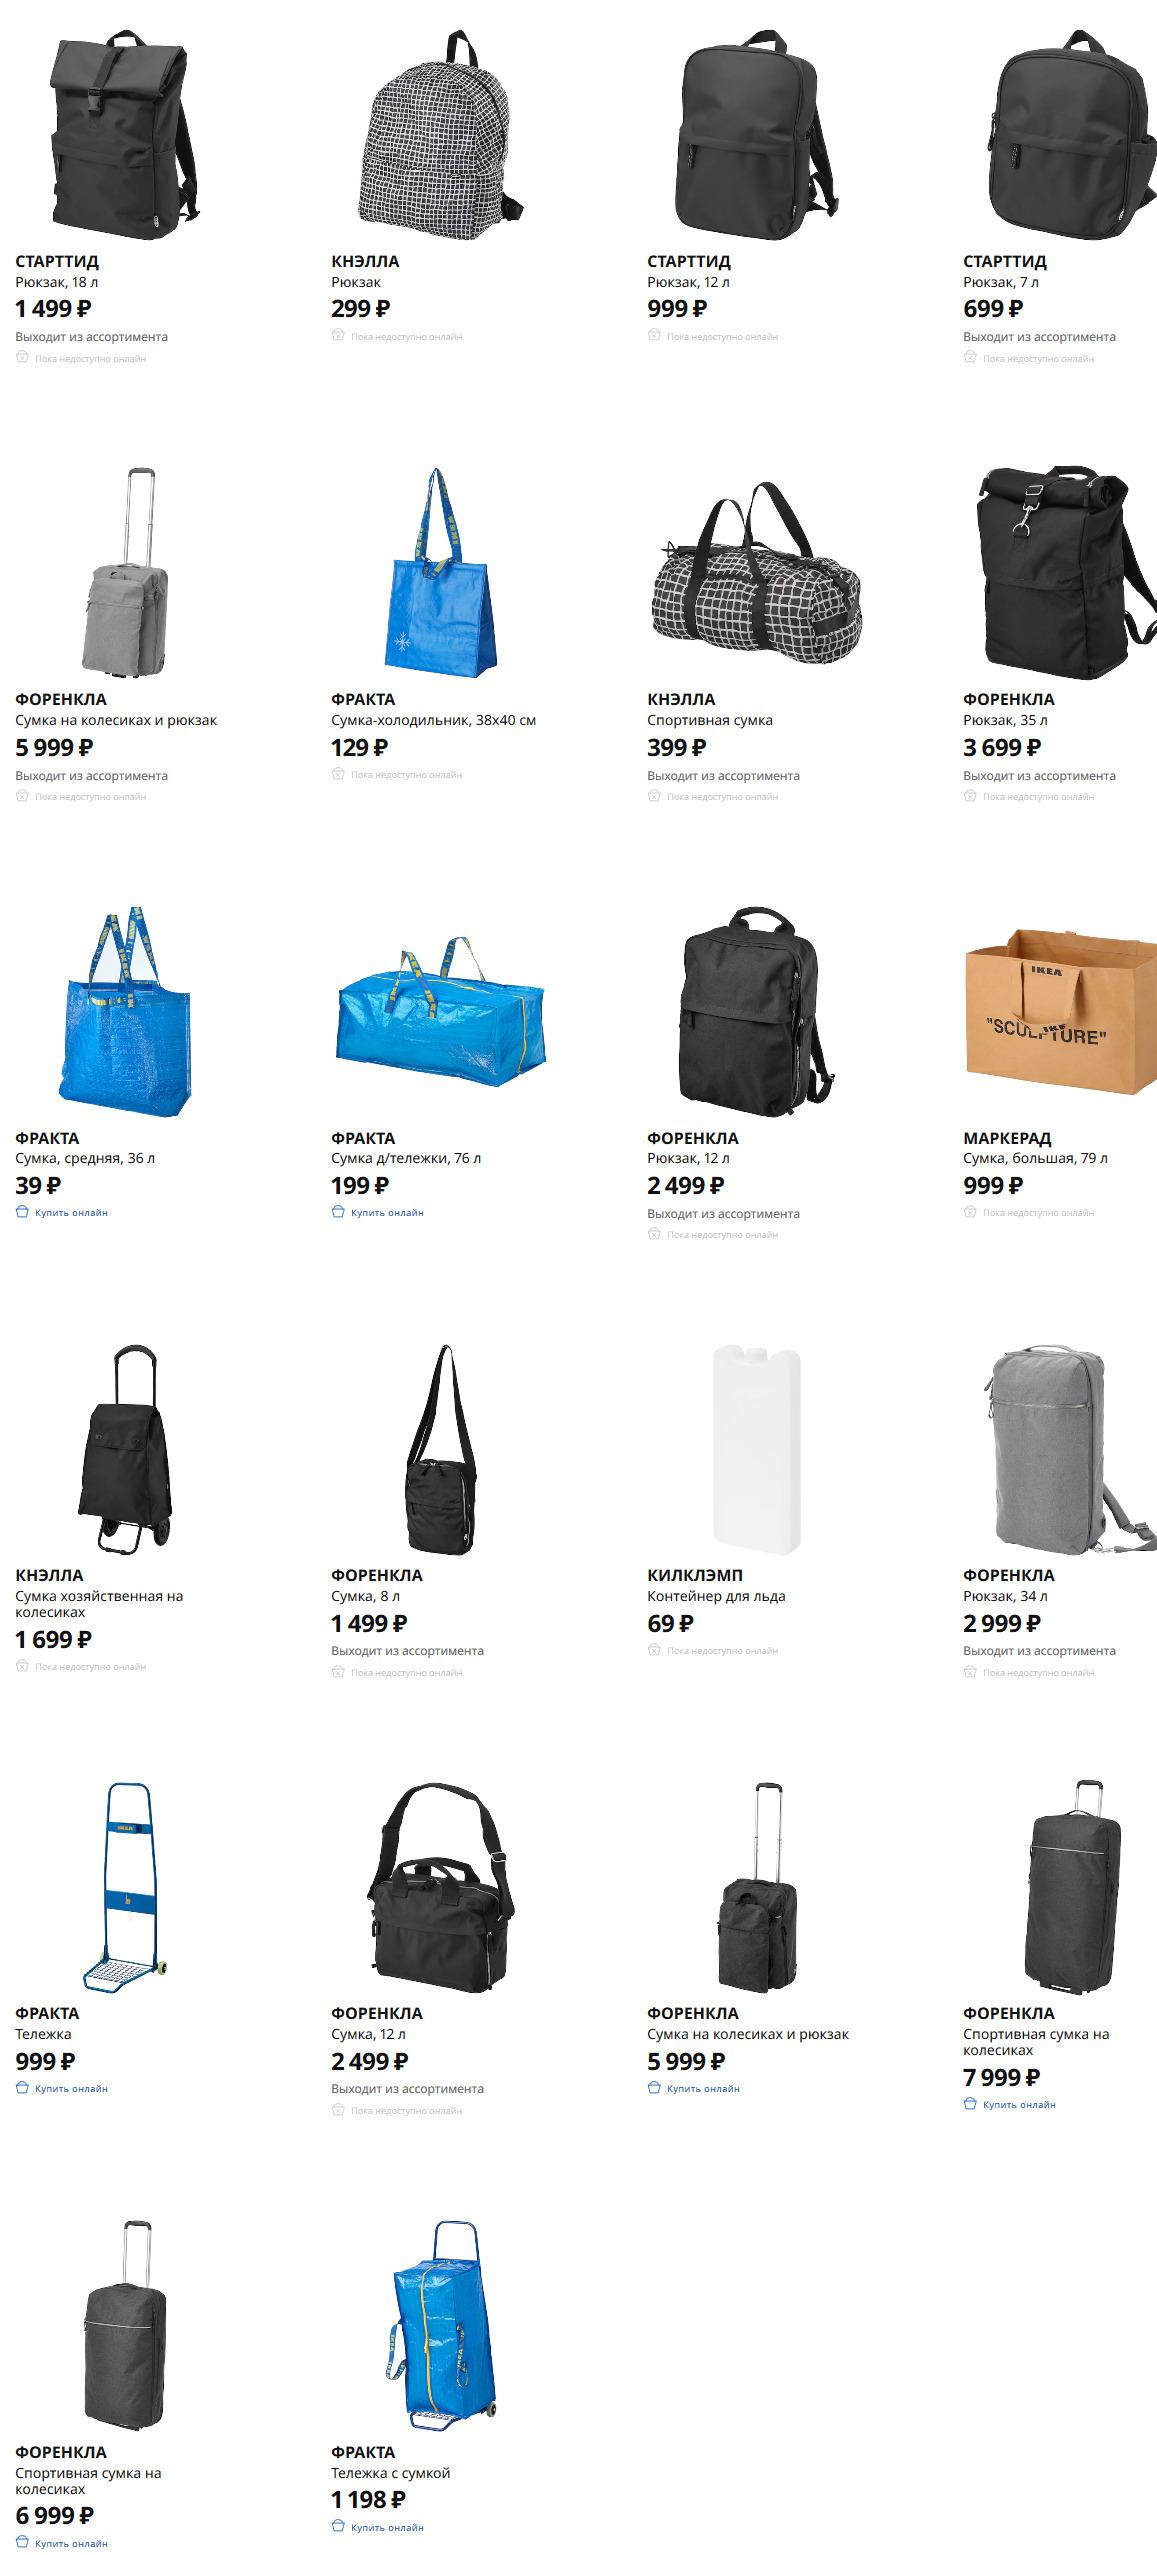 Сумки и рюкзаки Икеа